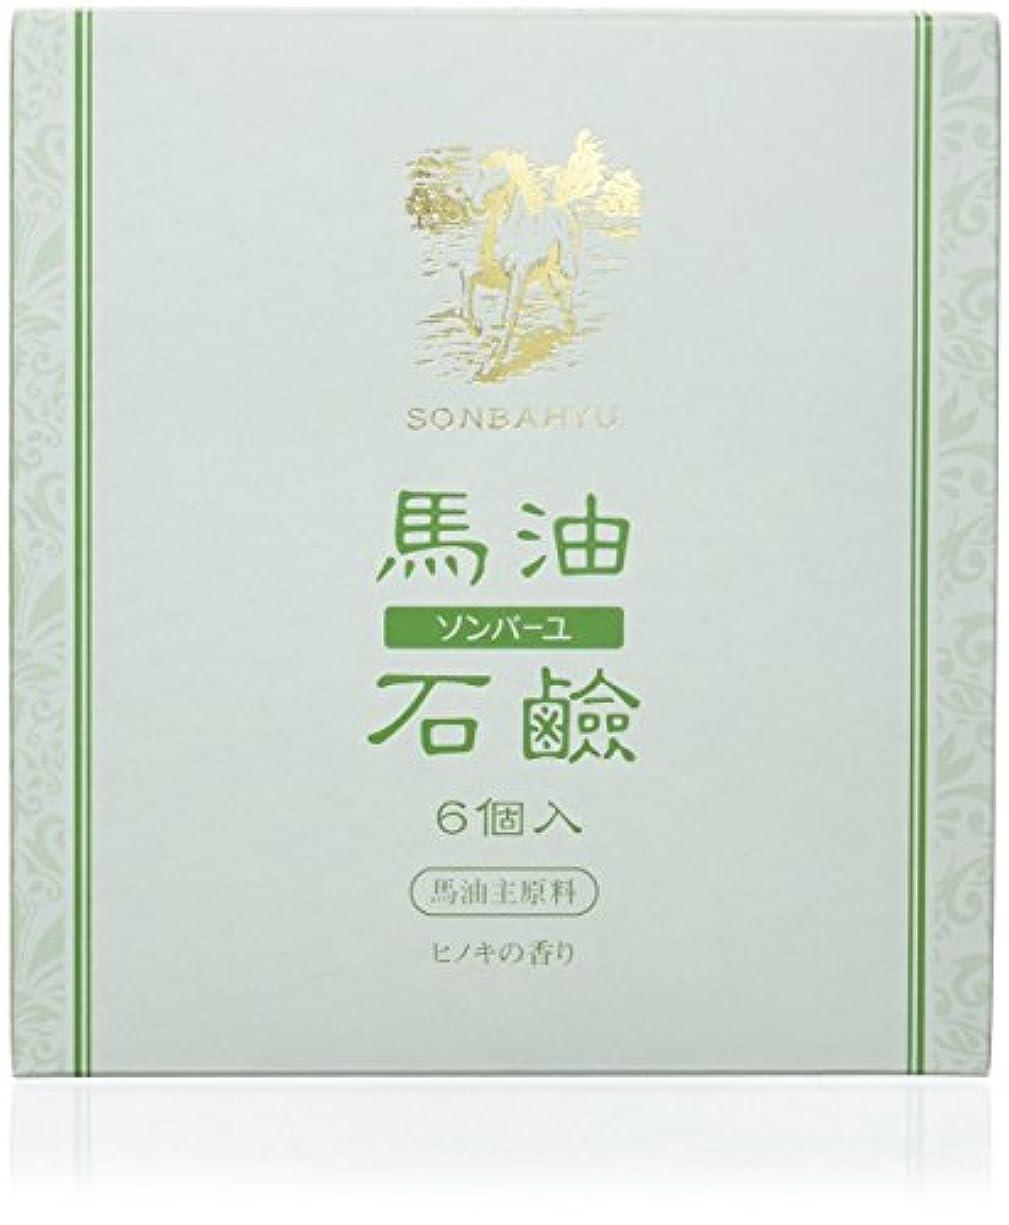 血色の良い実施する誓いソンバーユ石鹸 85g×6個 ヒノキの香り